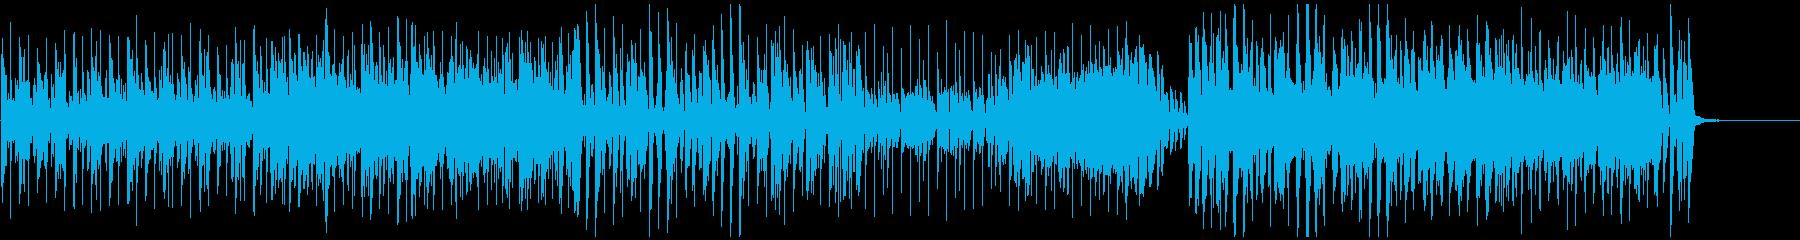 上質な雰囲気をもったテンポ感ある曲です。の再生済みの波形